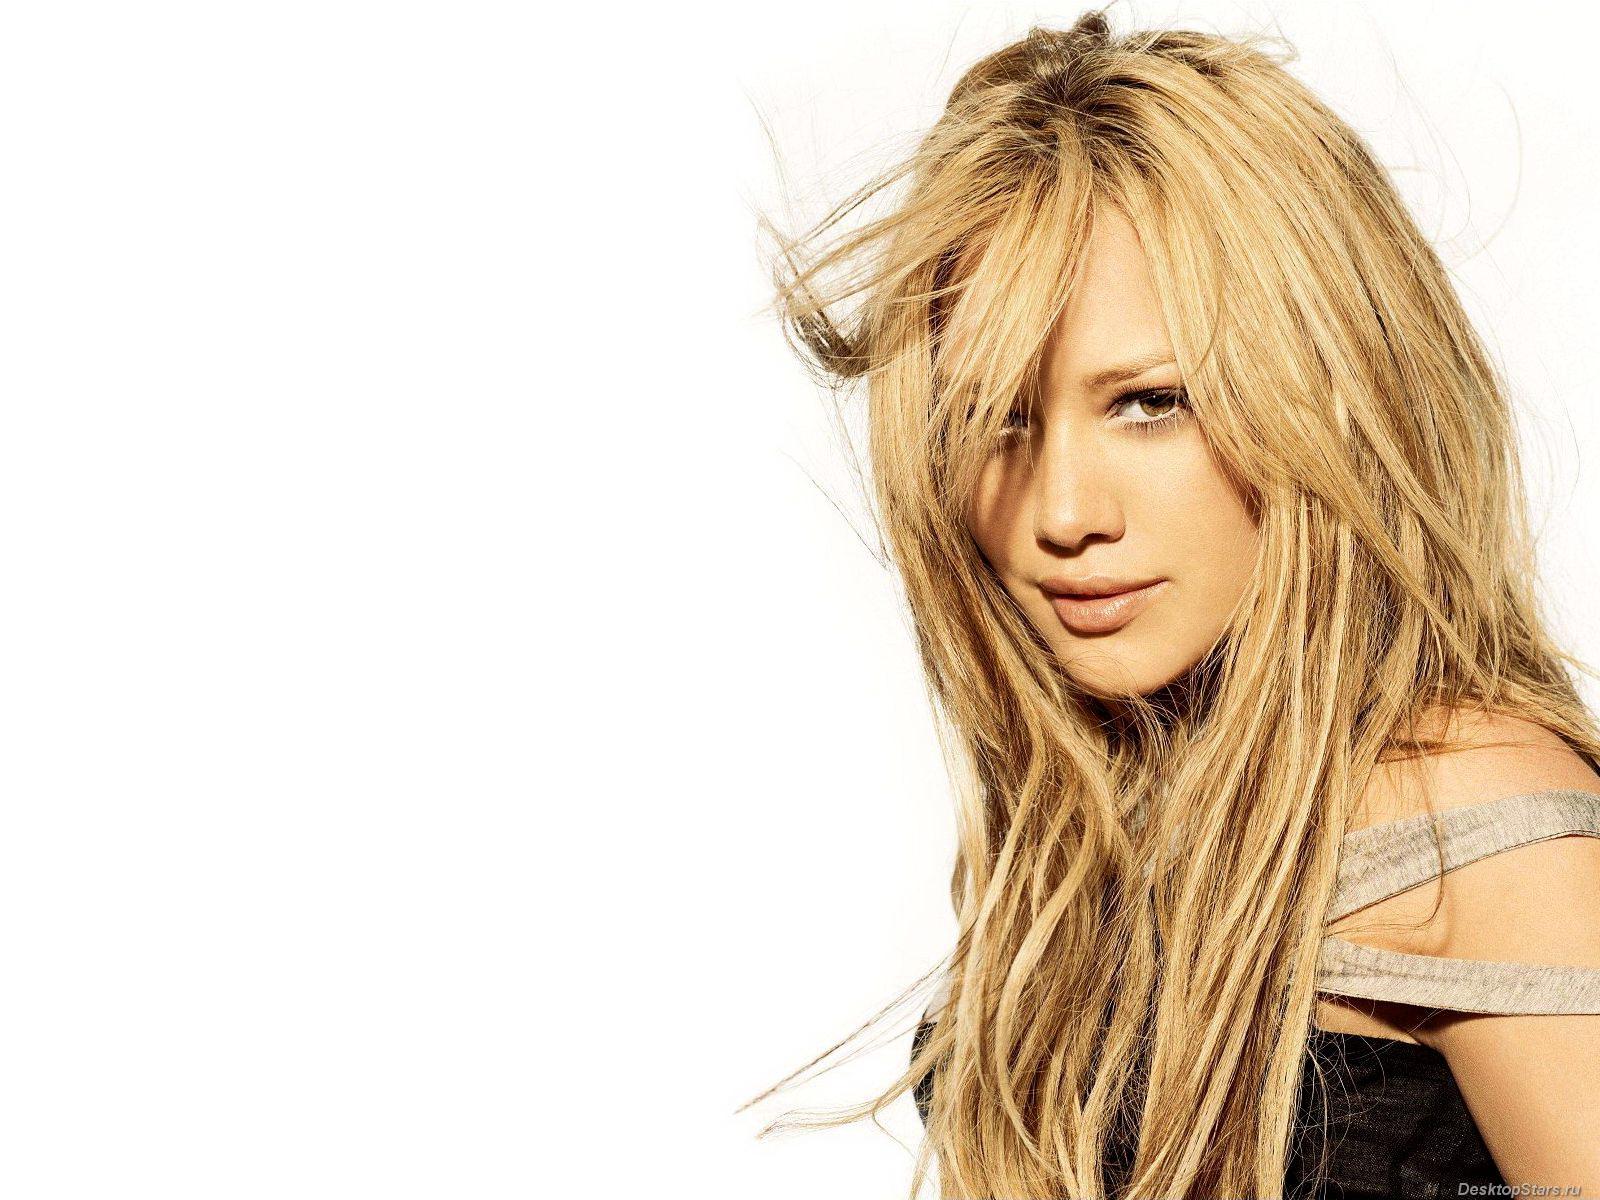 Hilary Duff Hilary-Duff-1600x1200-001